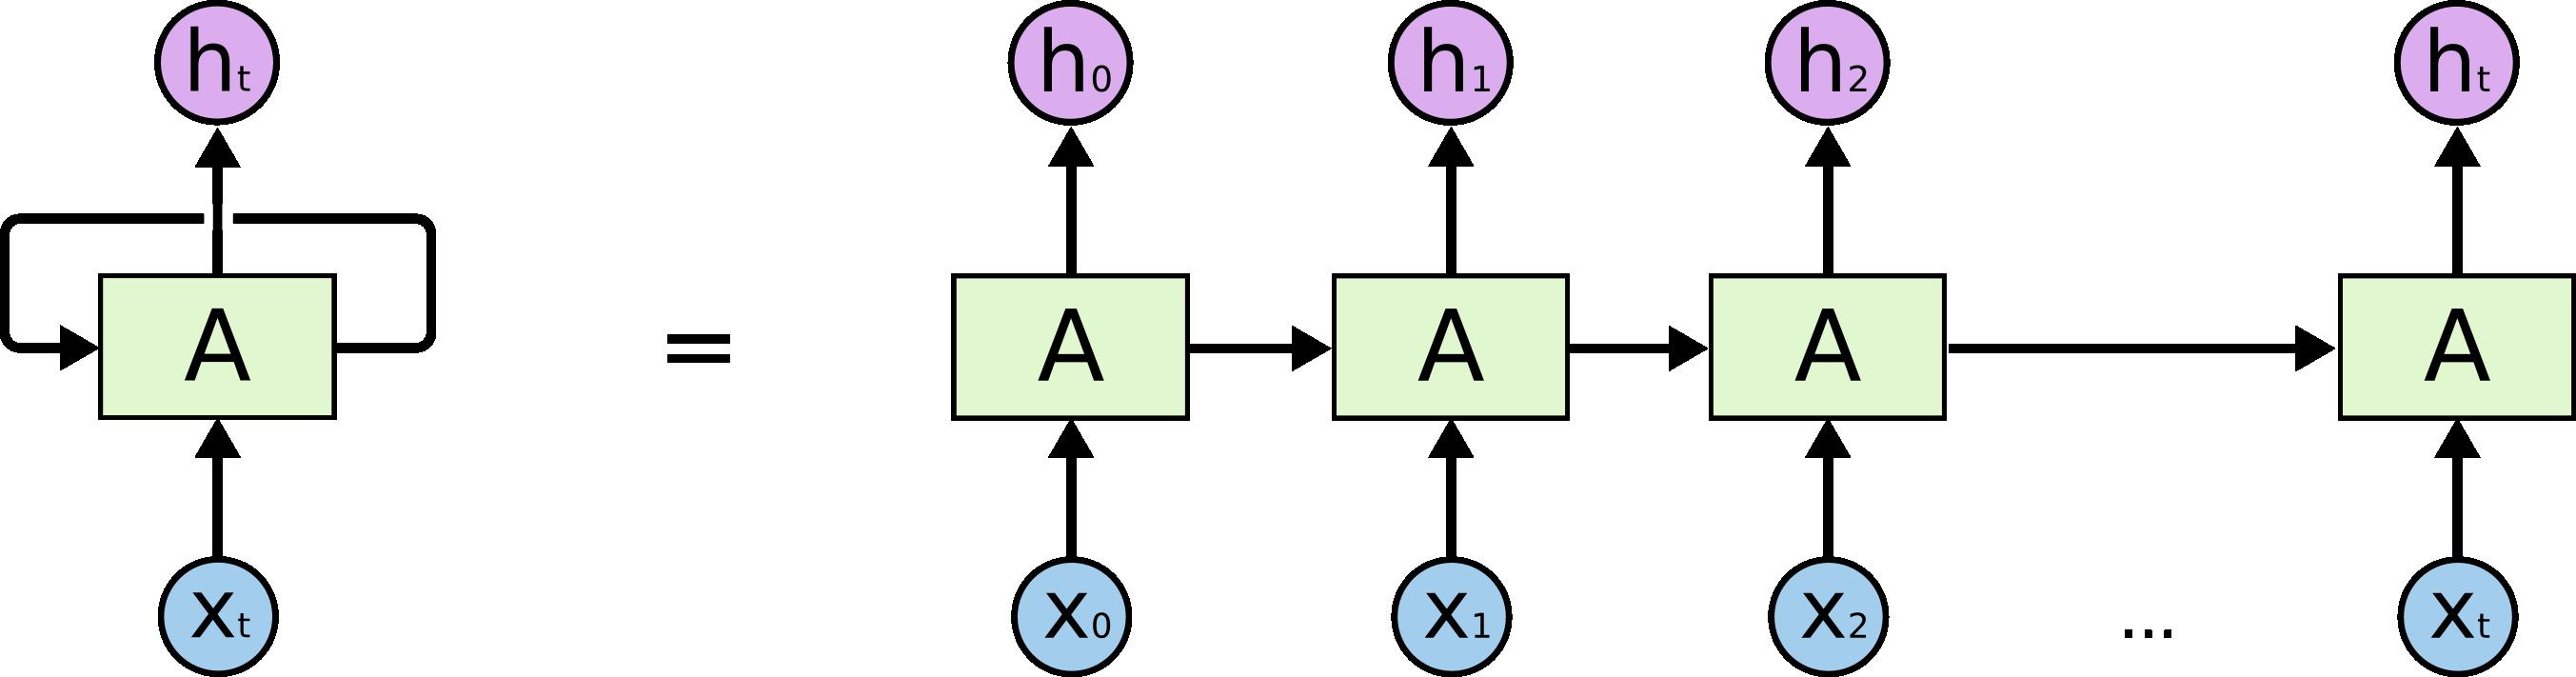 RNN-unrolled